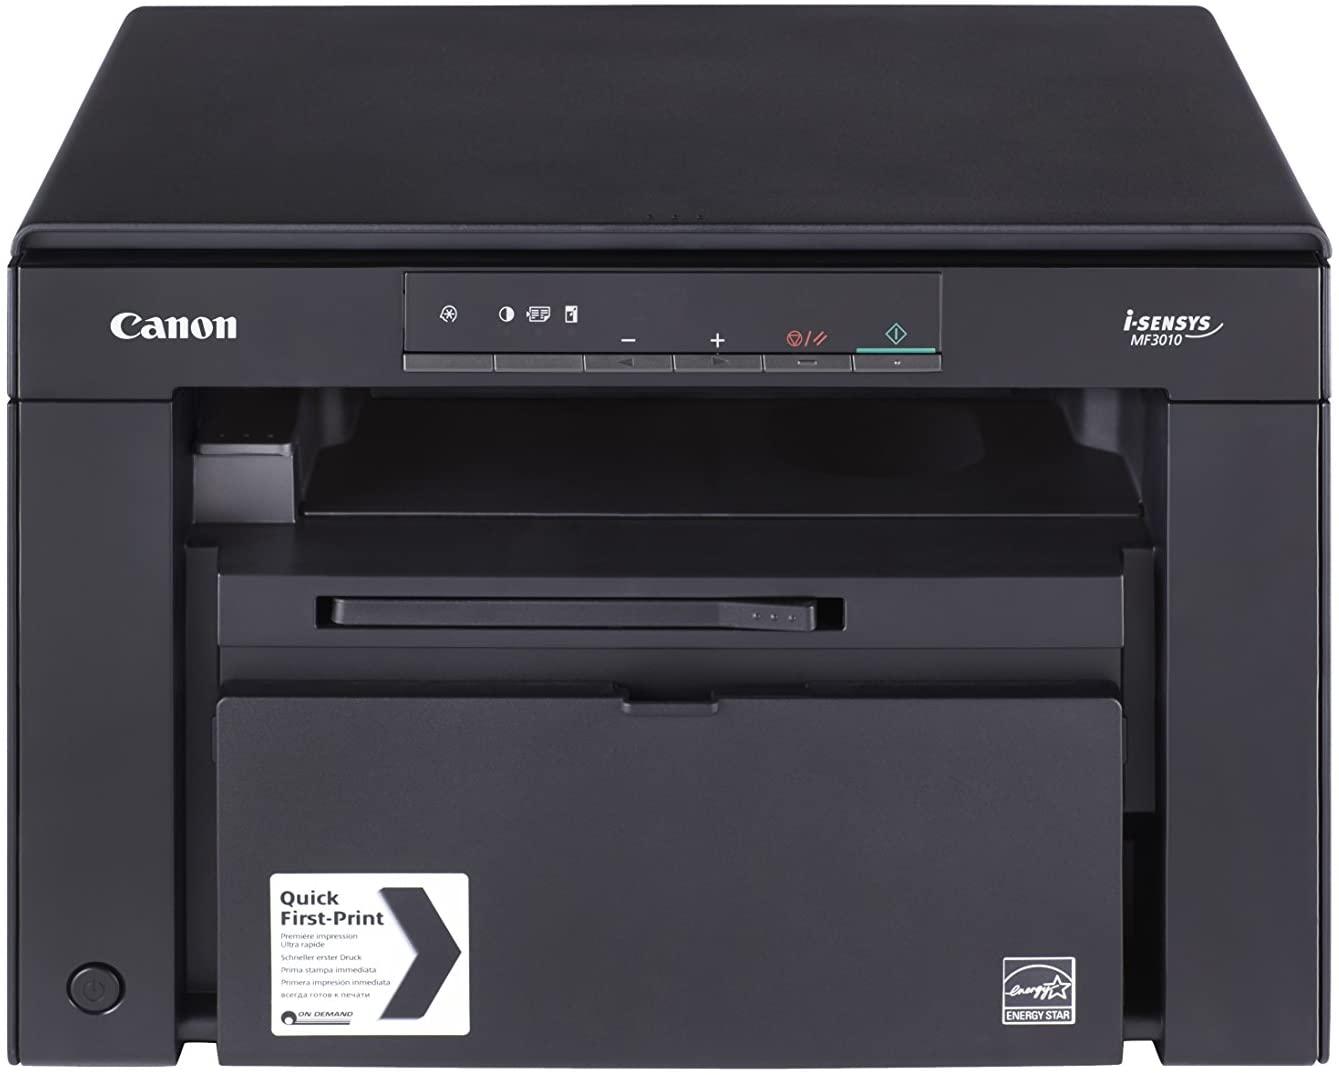 Máy in laser đen trắng đa chức năng Canon MF3010AE (in, scan, copy) giá rẻ uy tín tại Tp. HCM